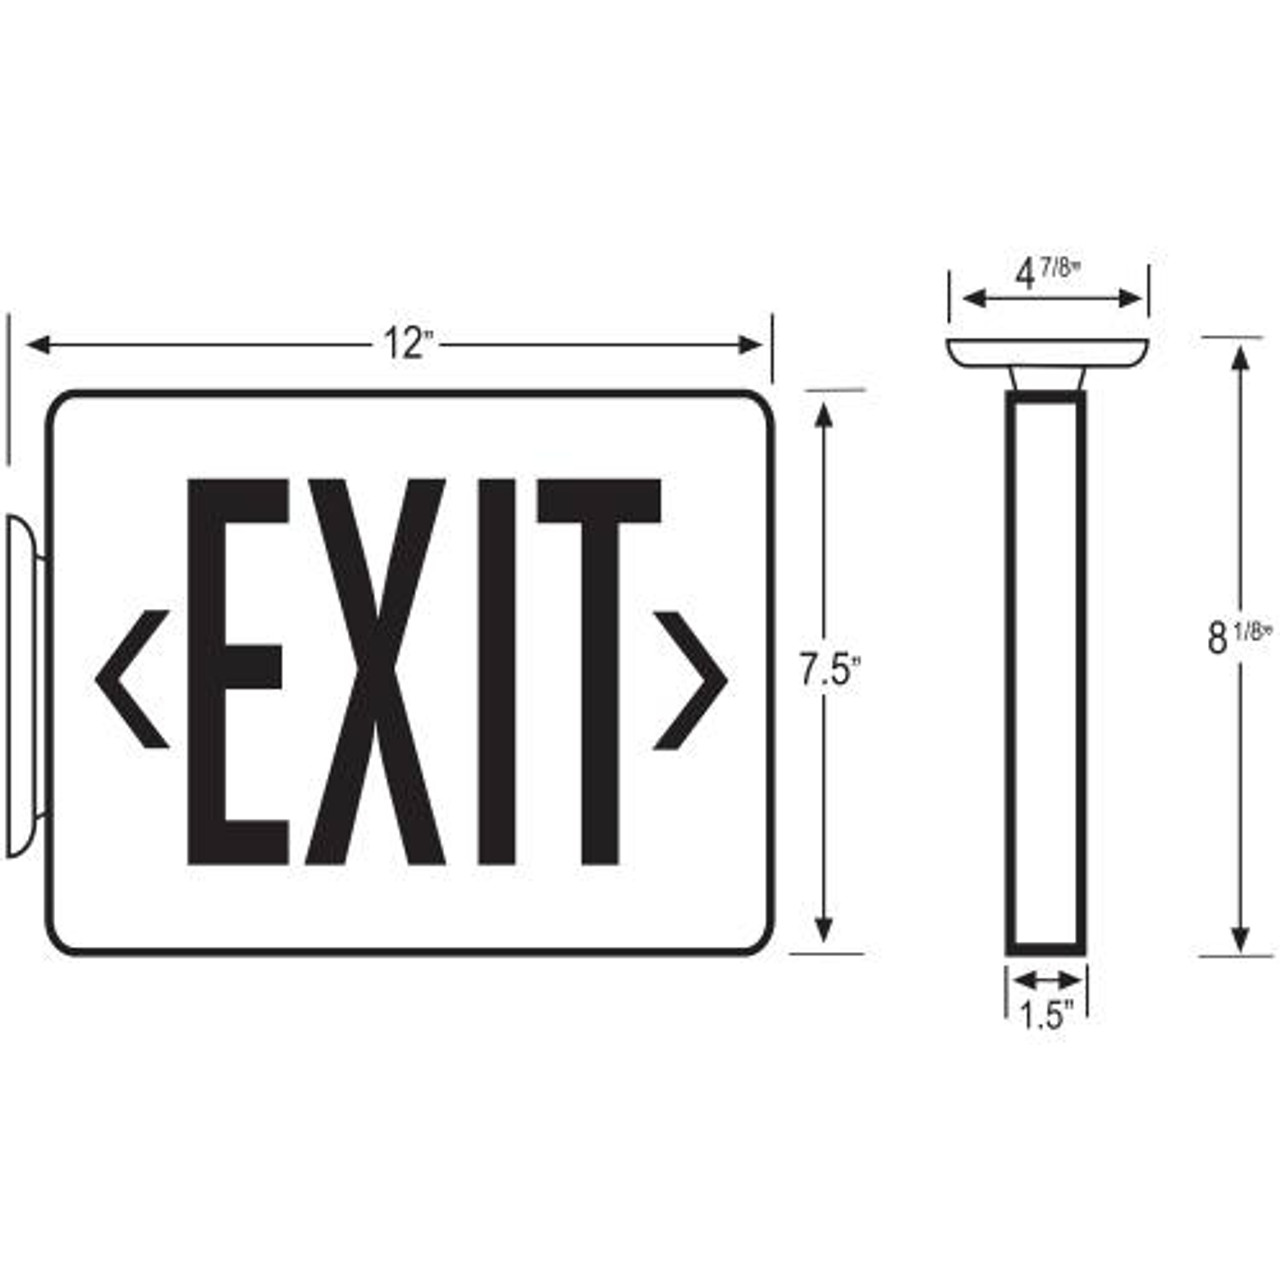 LED Exit Sign Line Art